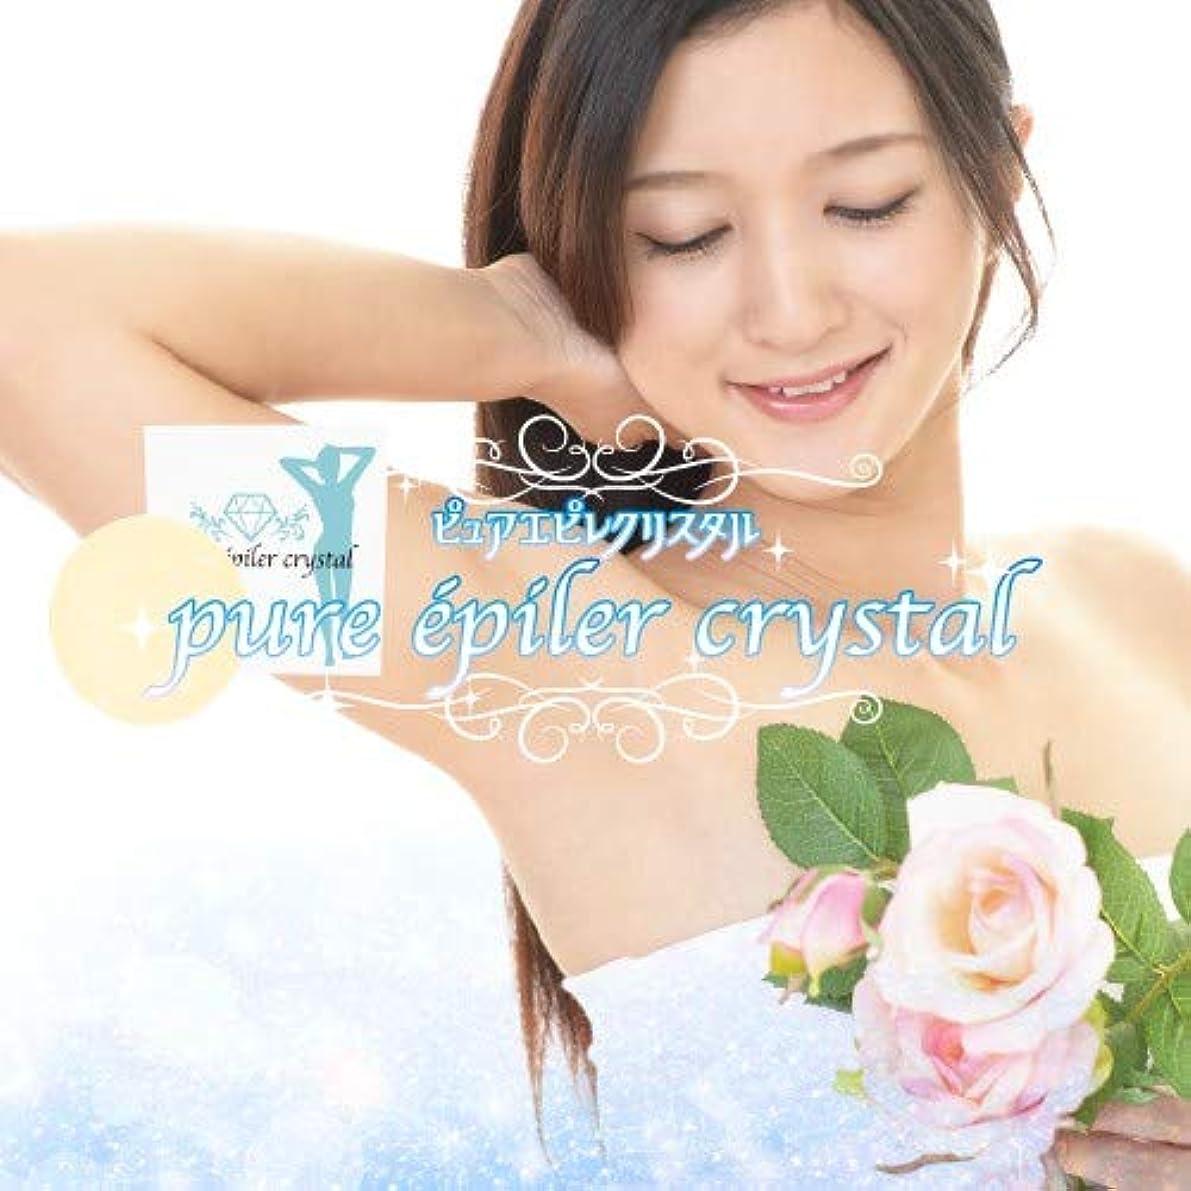 アイドルマサッチョモールス信号Pure epiler crystal ピュアエピレクリスタル